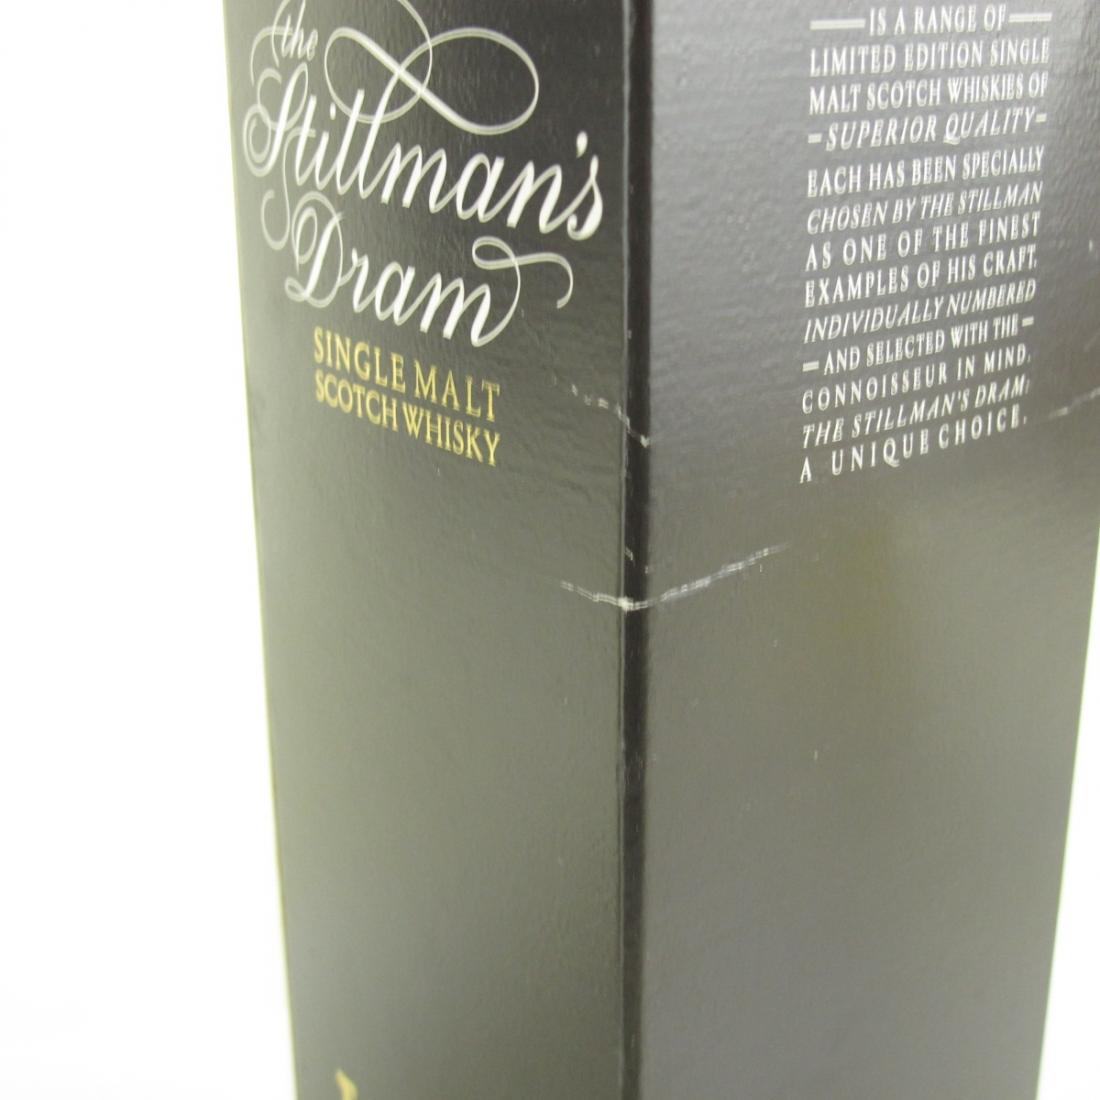 Tullibardine 27 Year Old Stillman's Dram